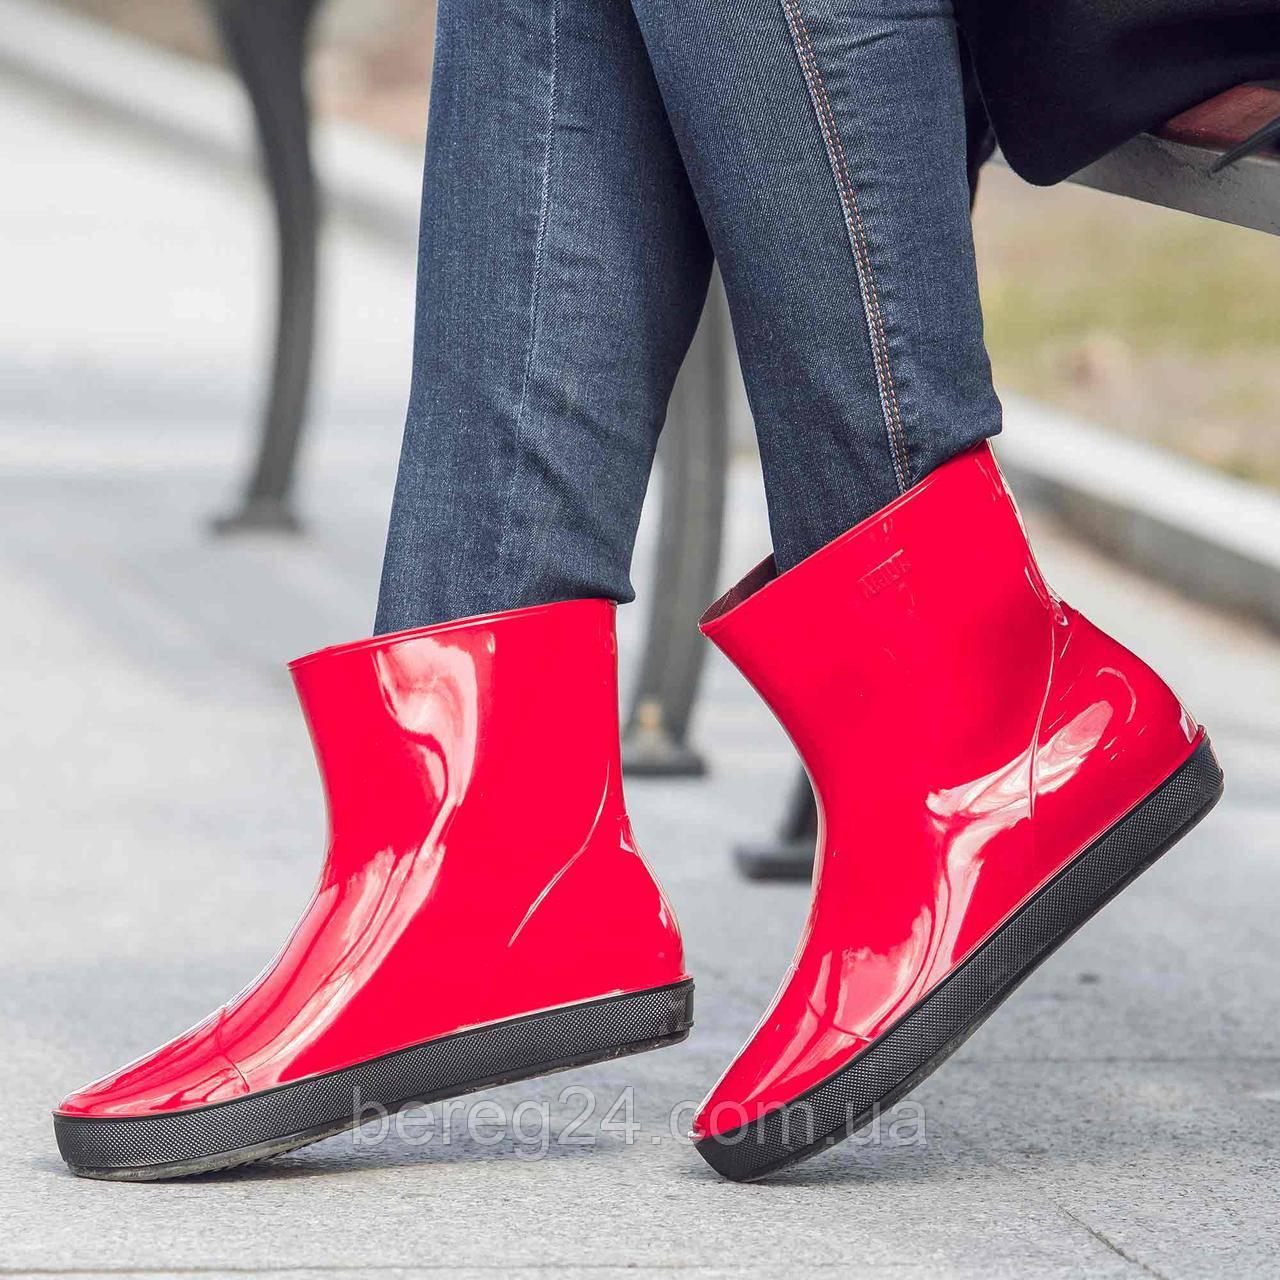 Женские резиновые сапоги (ботинки, ботильоны) Nordman Alida (Алида) Красные. Размер 37